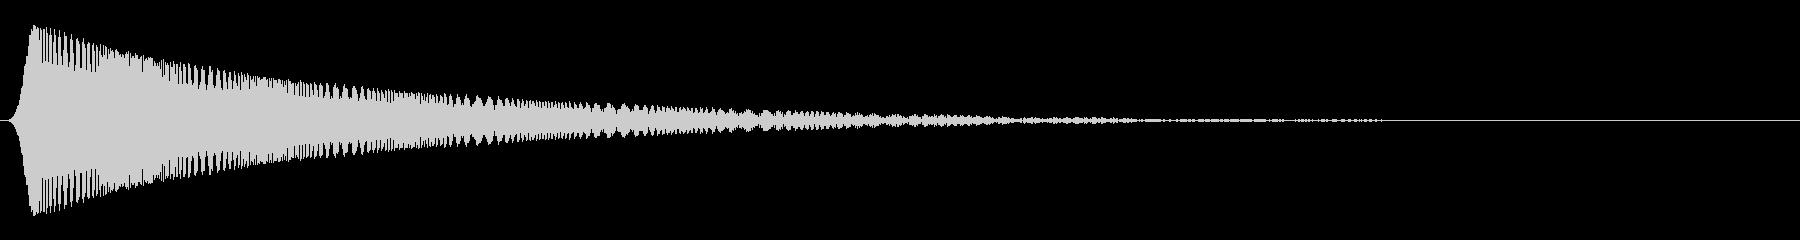 失敗(コミカル/かわいい/残念)の未再生の波形